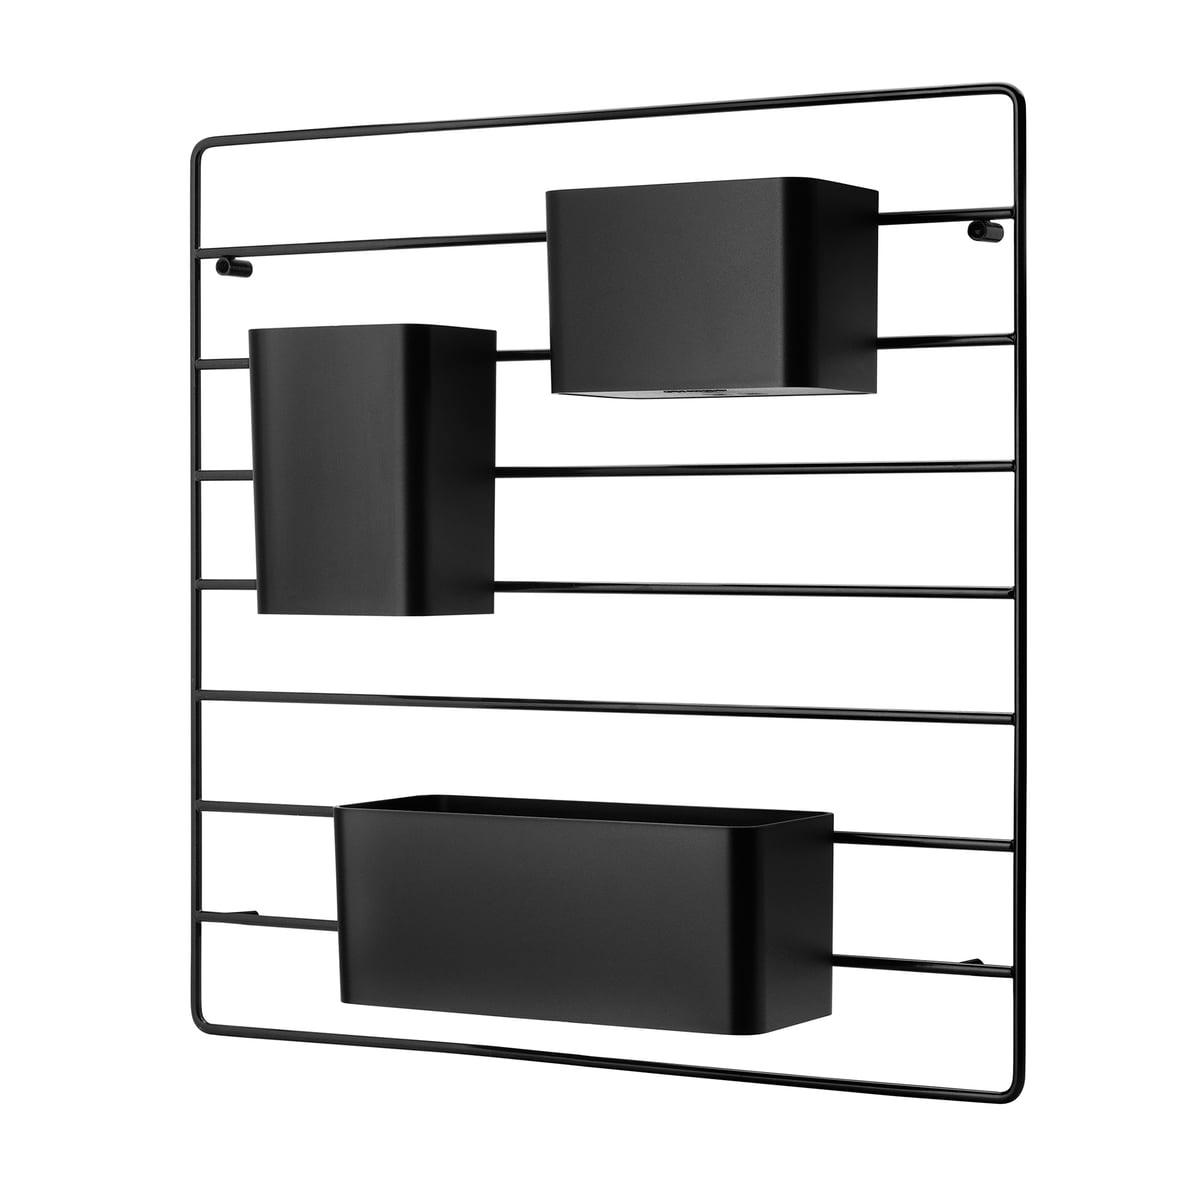 grid wandraster von string online kaufen connox. Black Bedroom Furniture Sets. Home Design Ideas